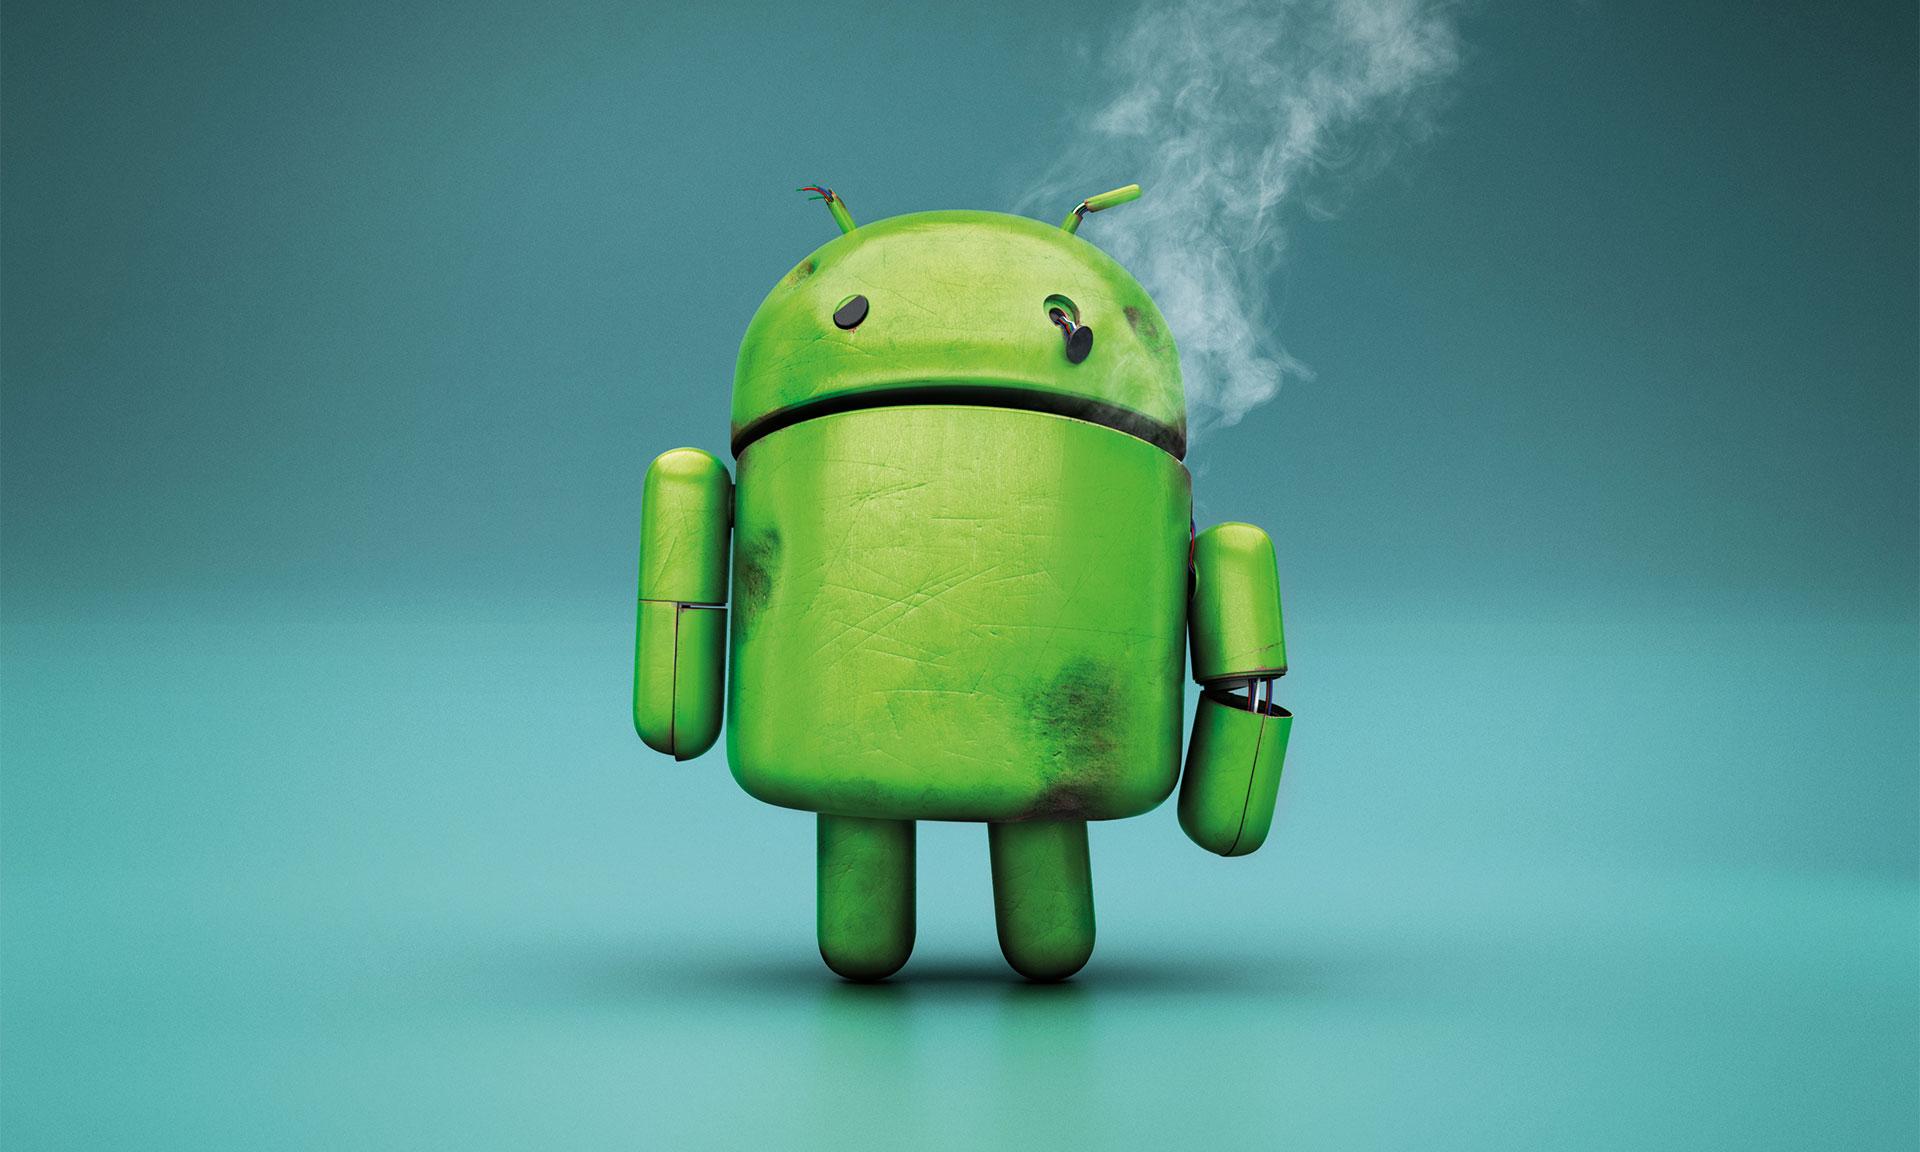 Android,Android eksi yönleri,Android hataları